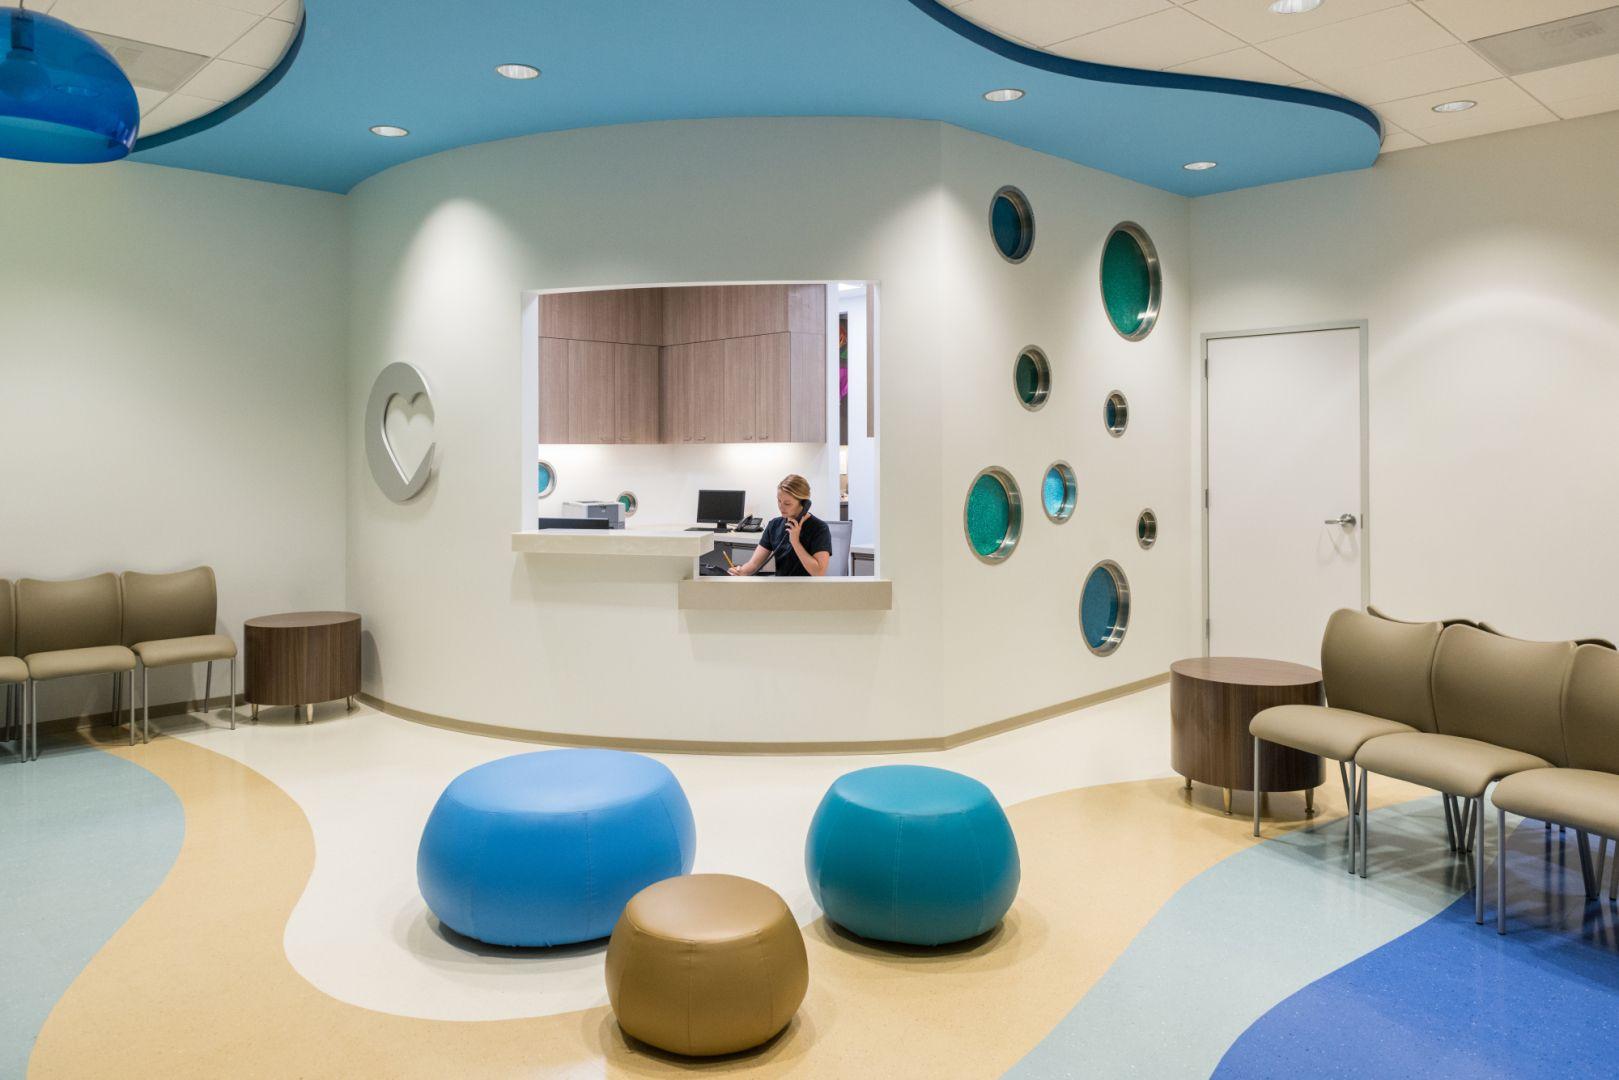 #WareMalcomb provided #interior #architecture and #design ...